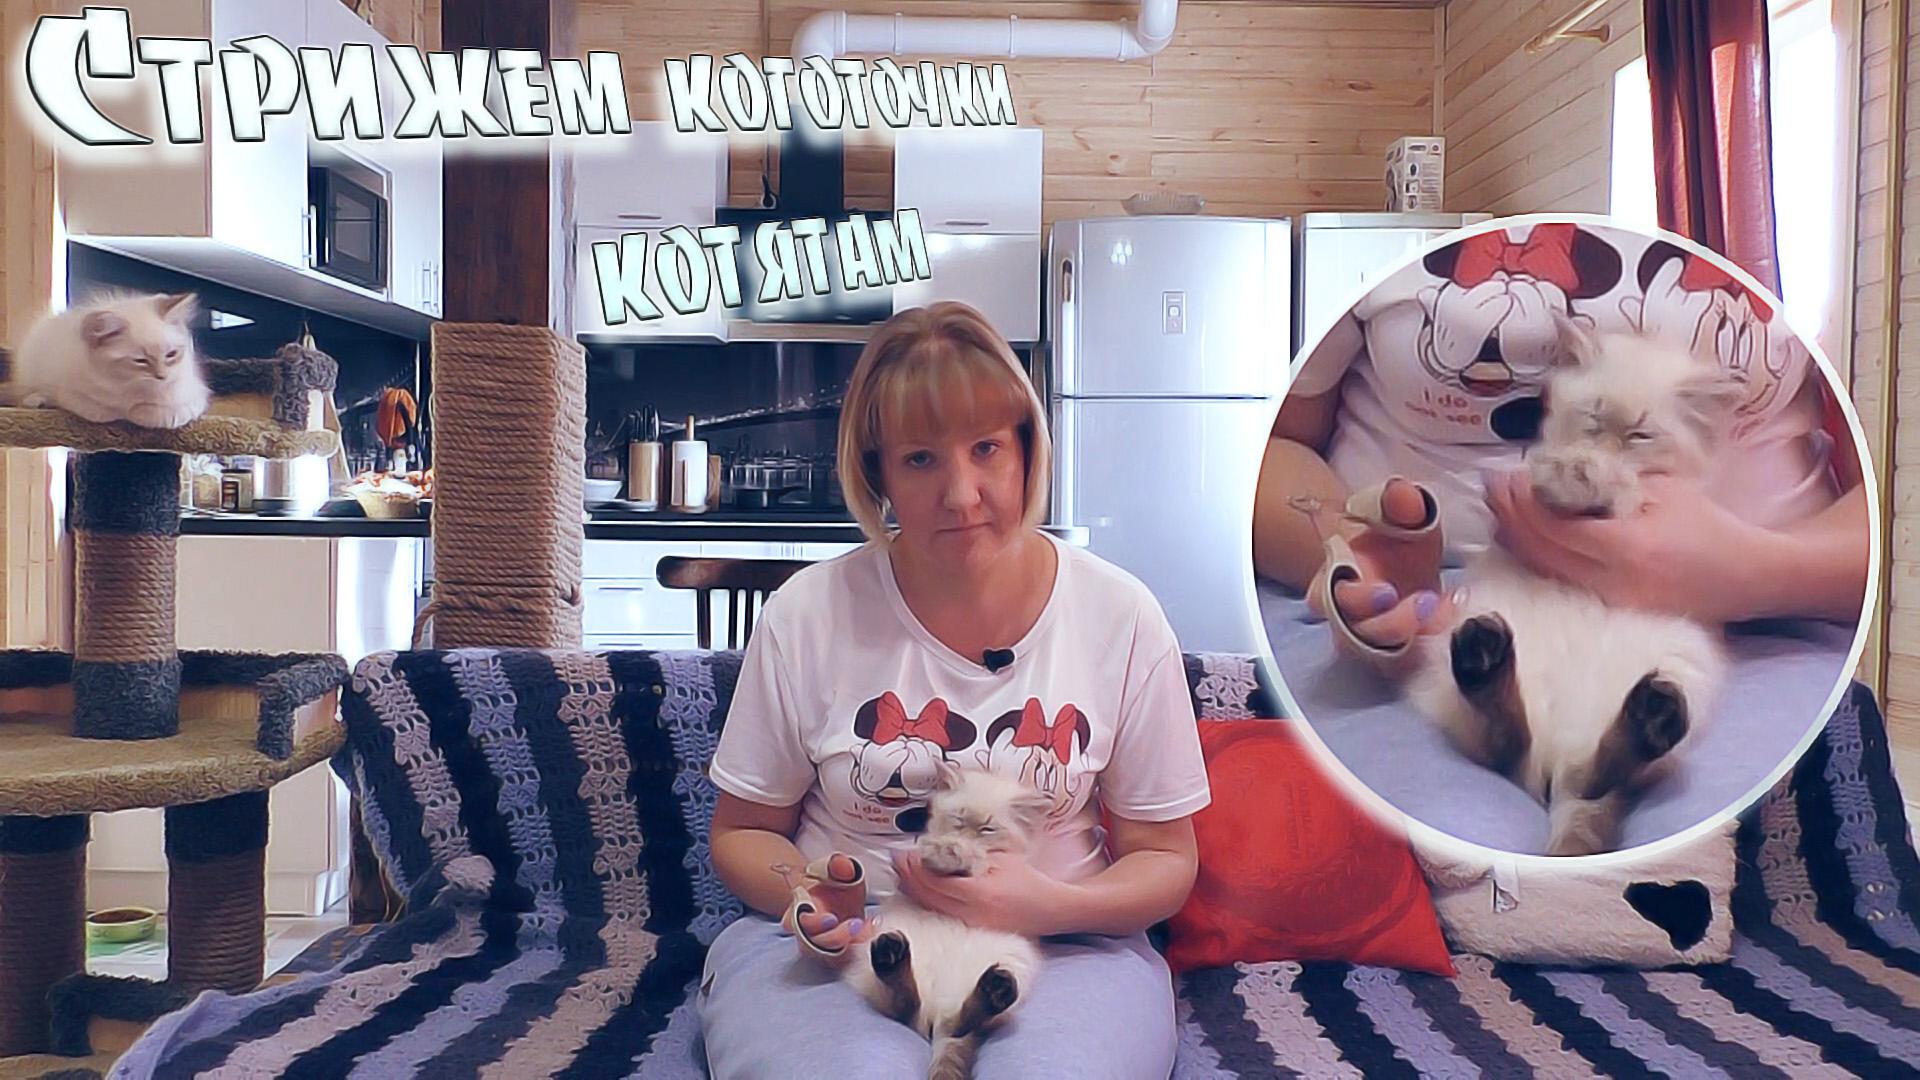 Сибирские Невские Маскарадные Кошки - Стрижем коготочки котятам🙀